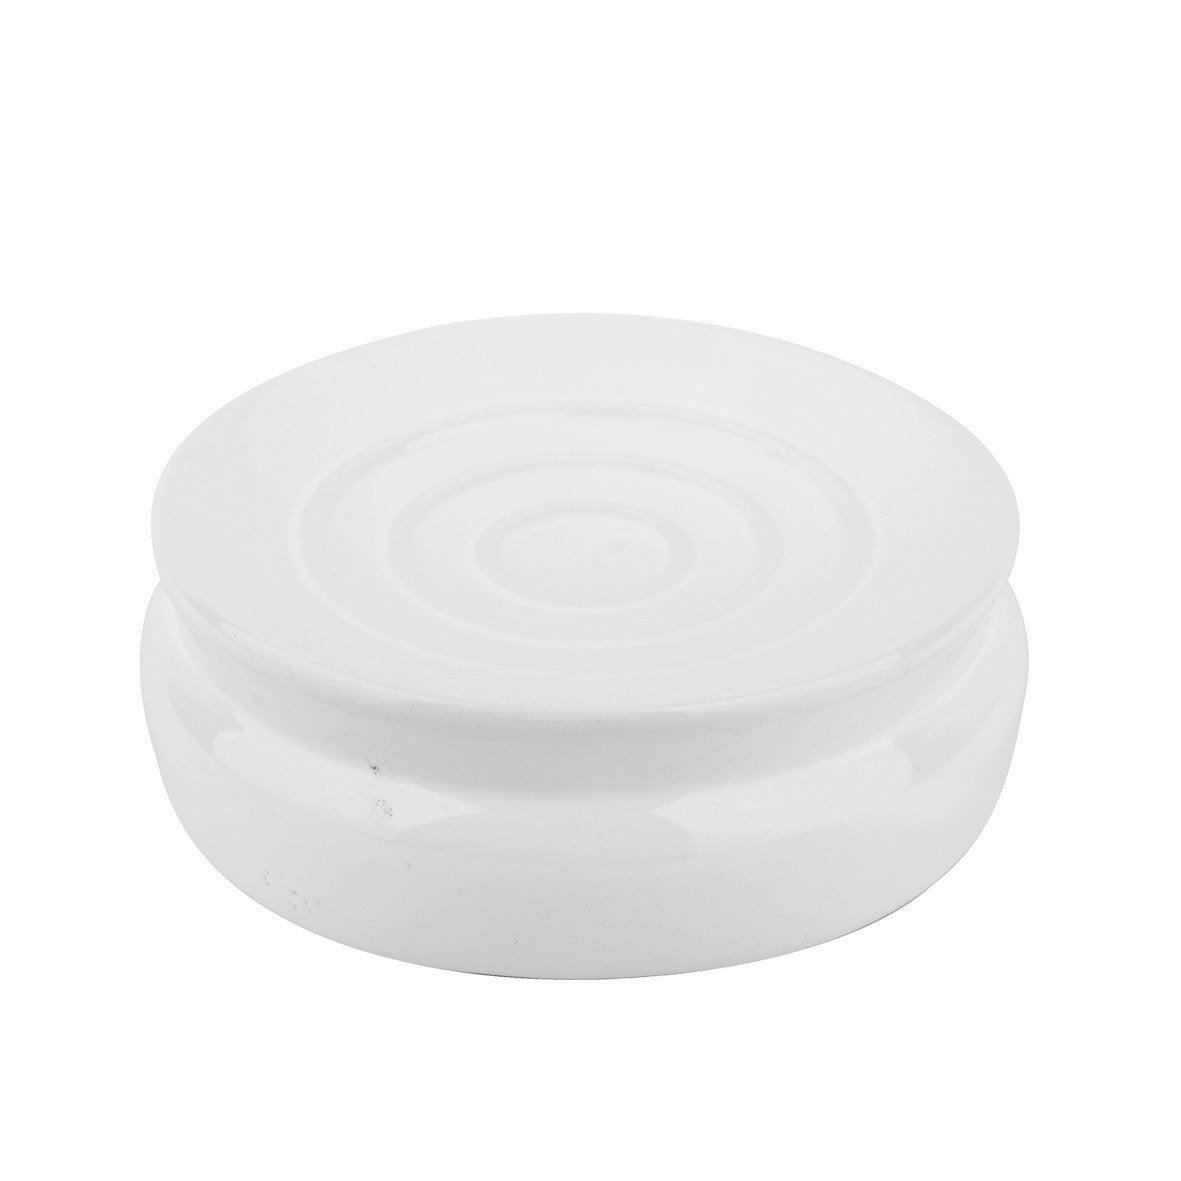 Porte-savon céramique Milk, white n°0